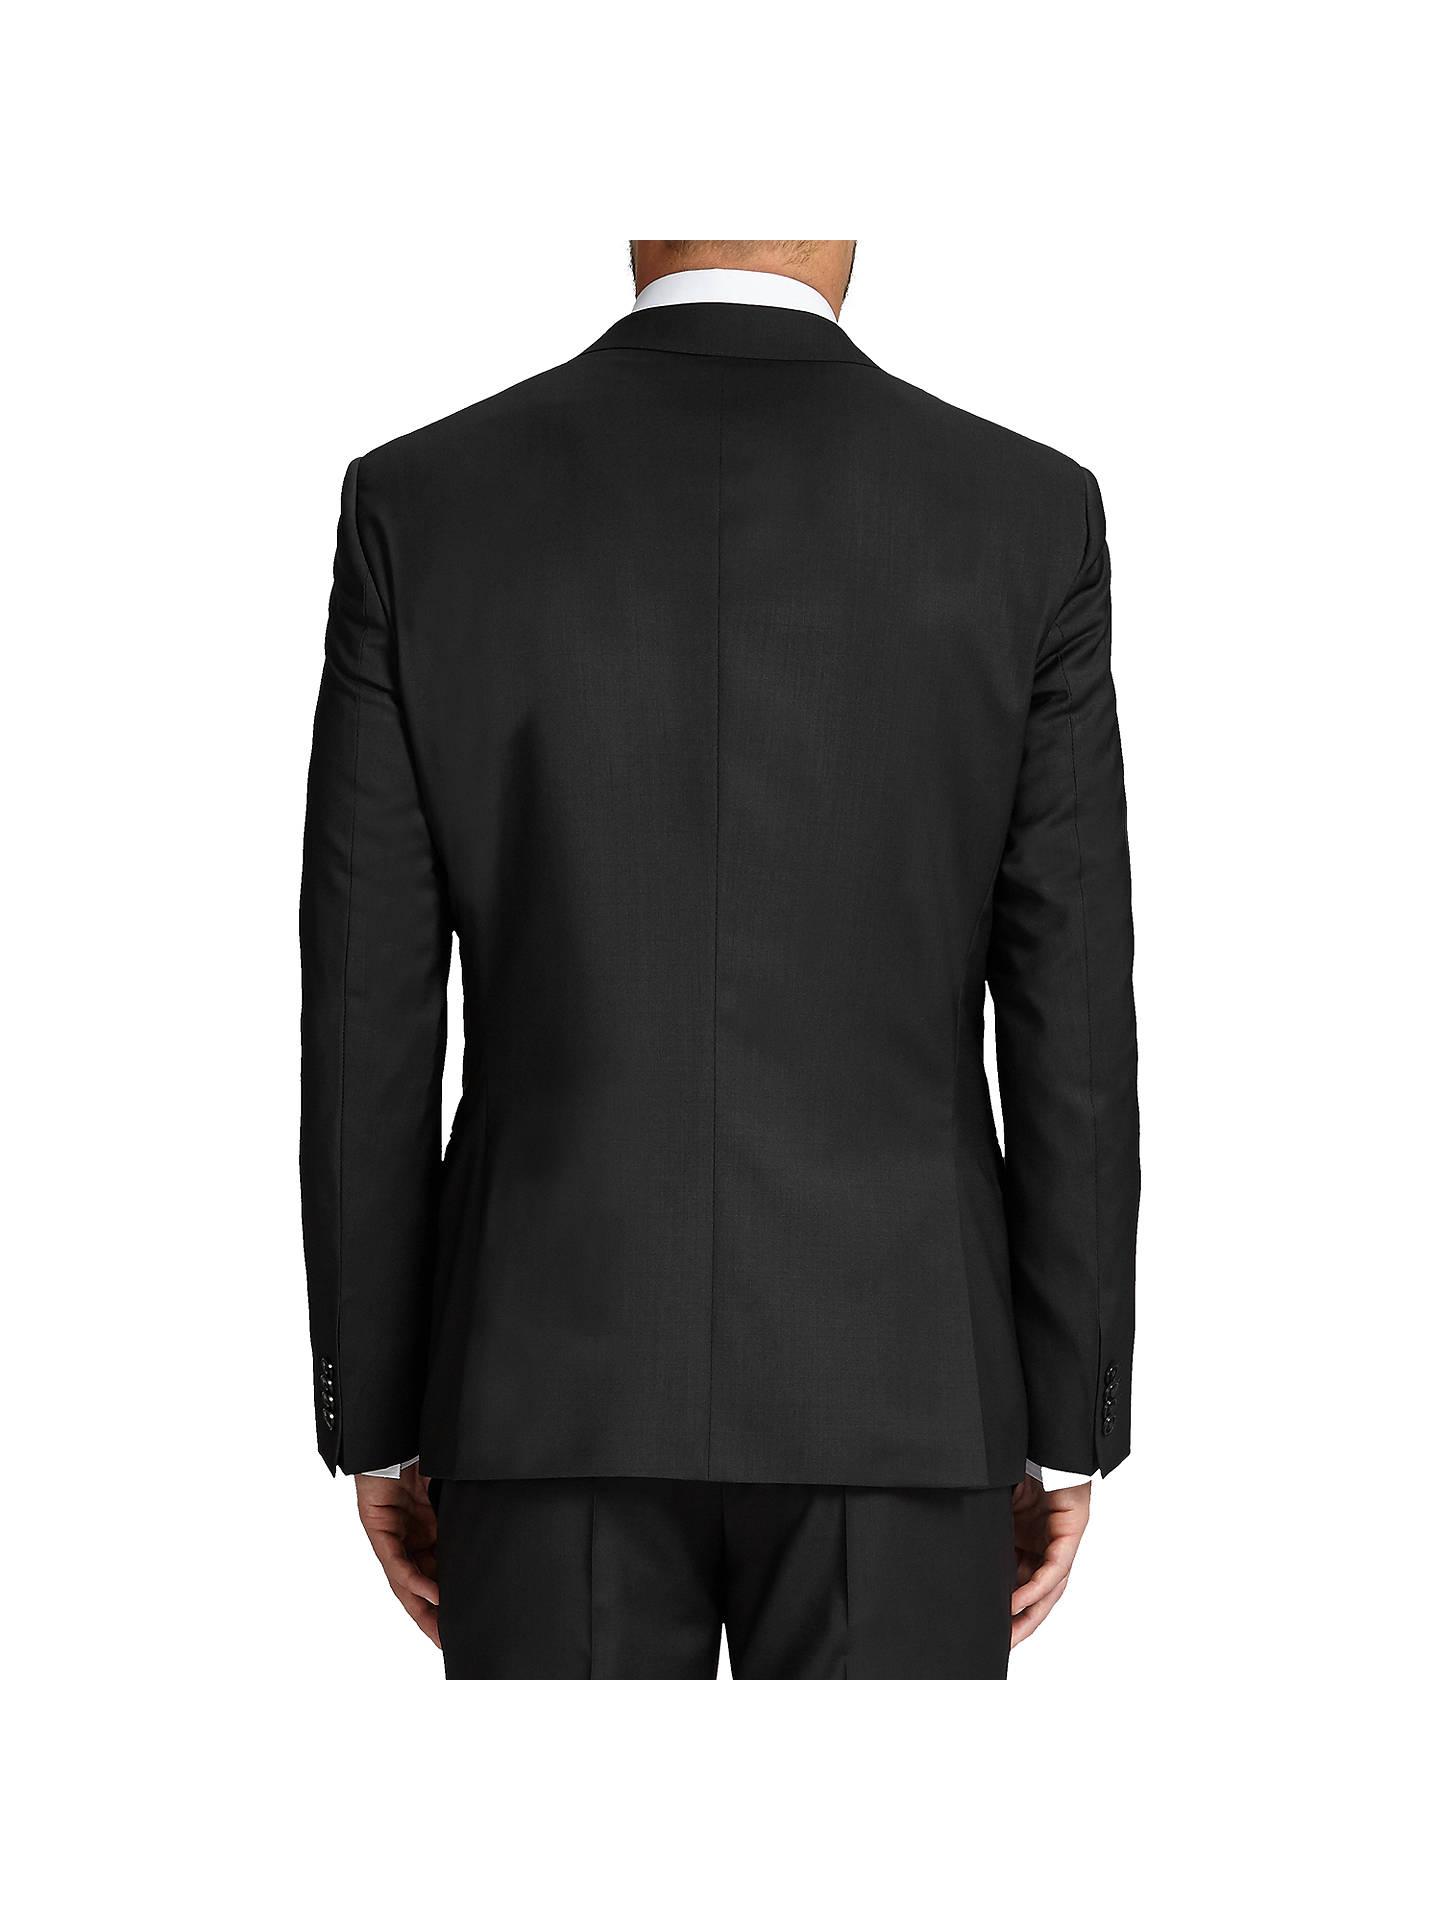 d3d945571e4 ... Buy HUGO by Hugo Boss Huge Genius Virgin Wool Slim Fit Suit Jacket